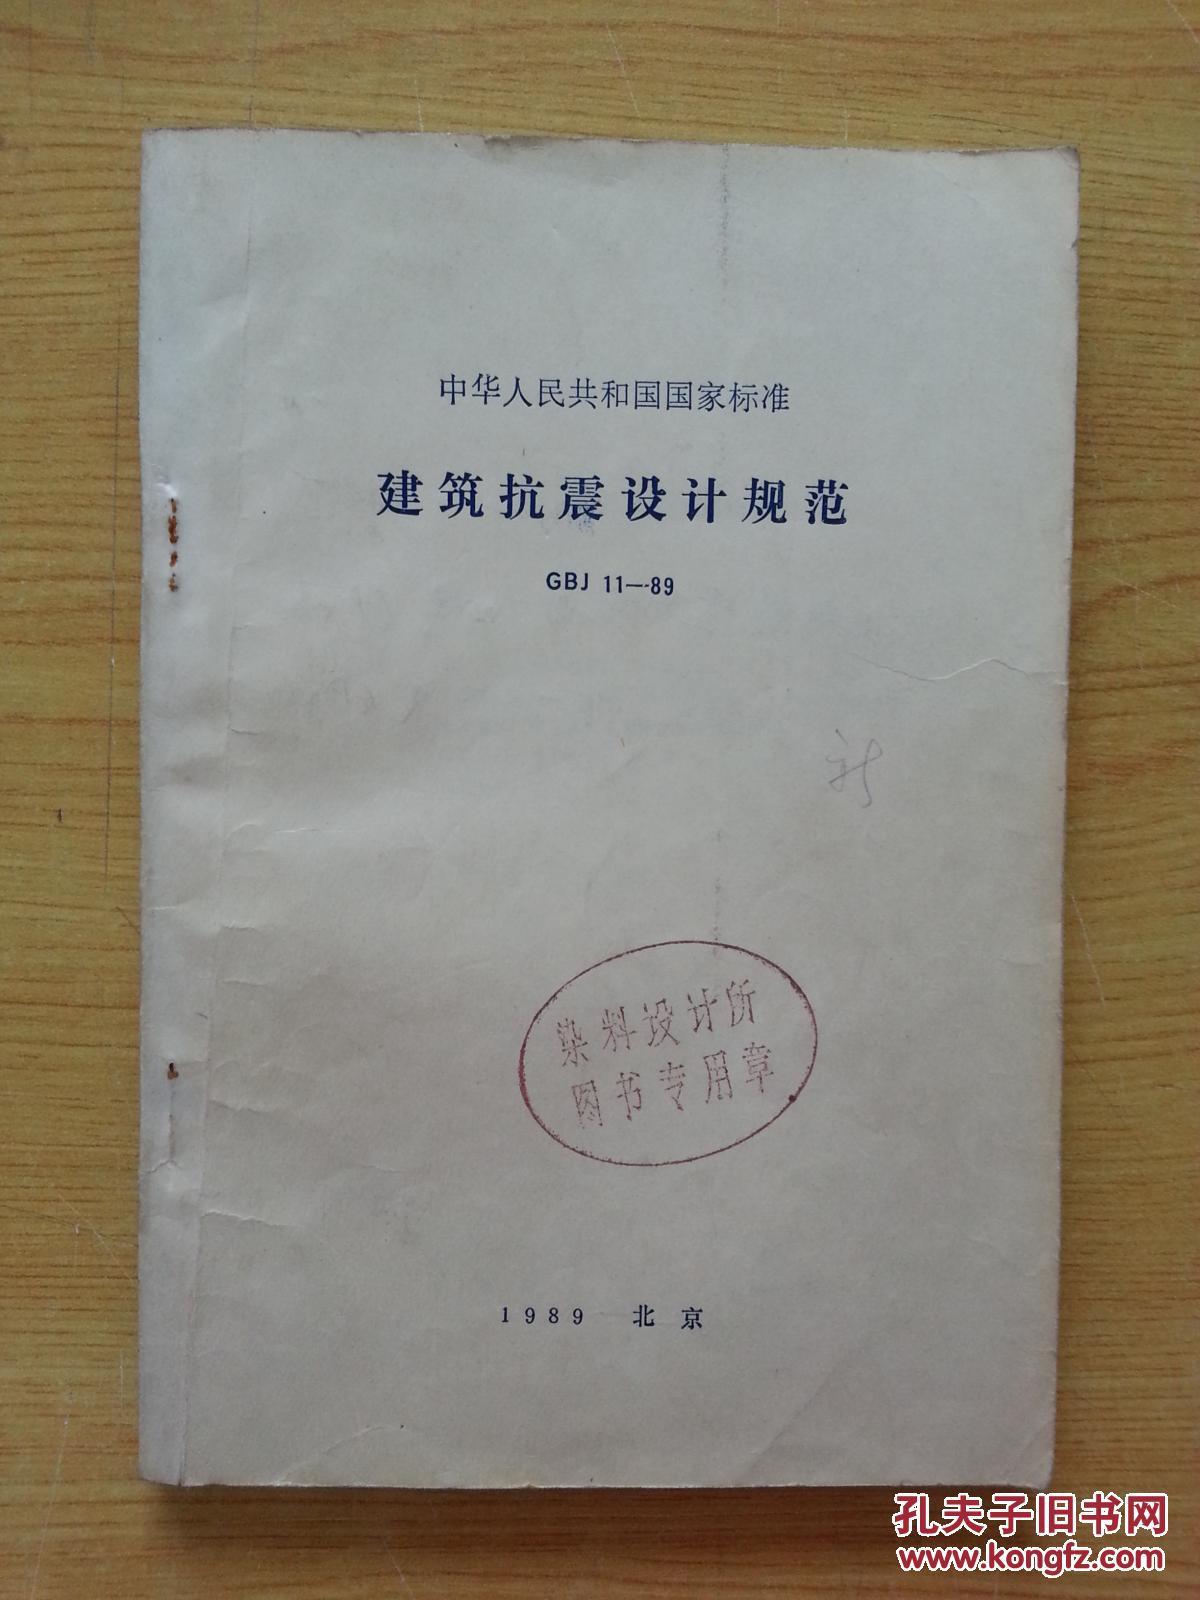 建筑抗震设计规范 gbj 11-89